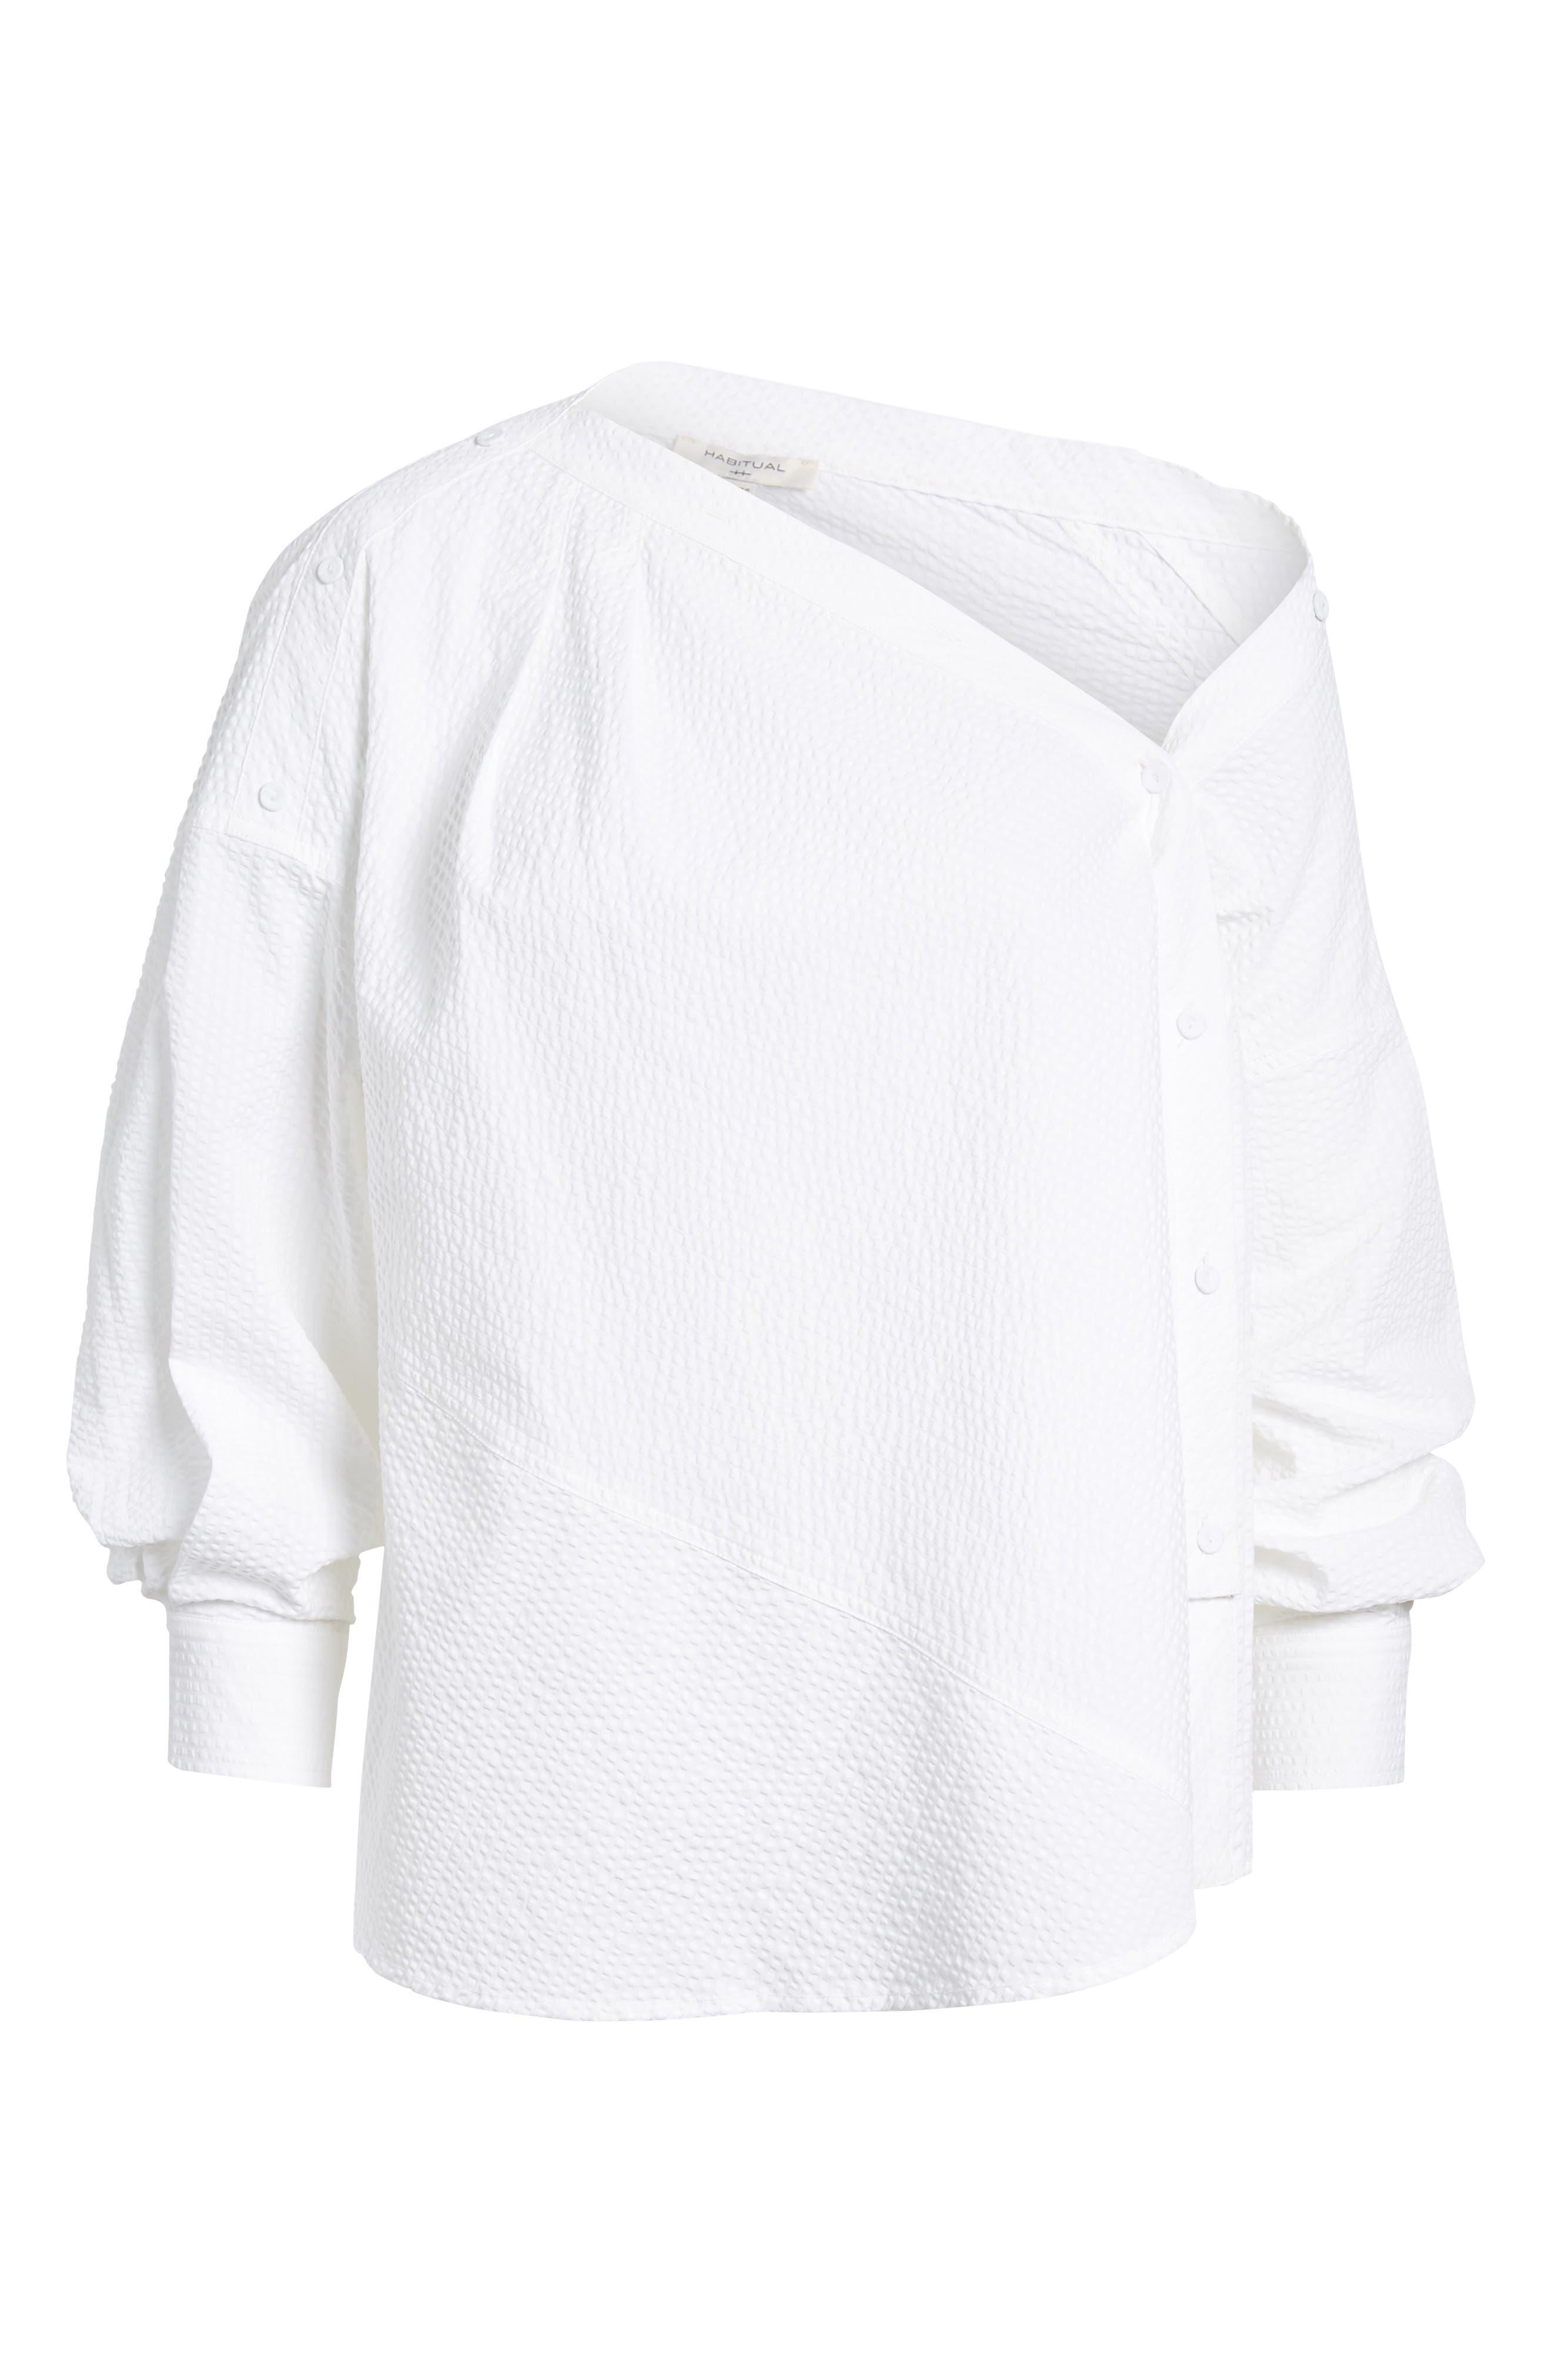 Daphne One Shoulder Cotton Top,                             Alternate thumbnail 7, color,                             150